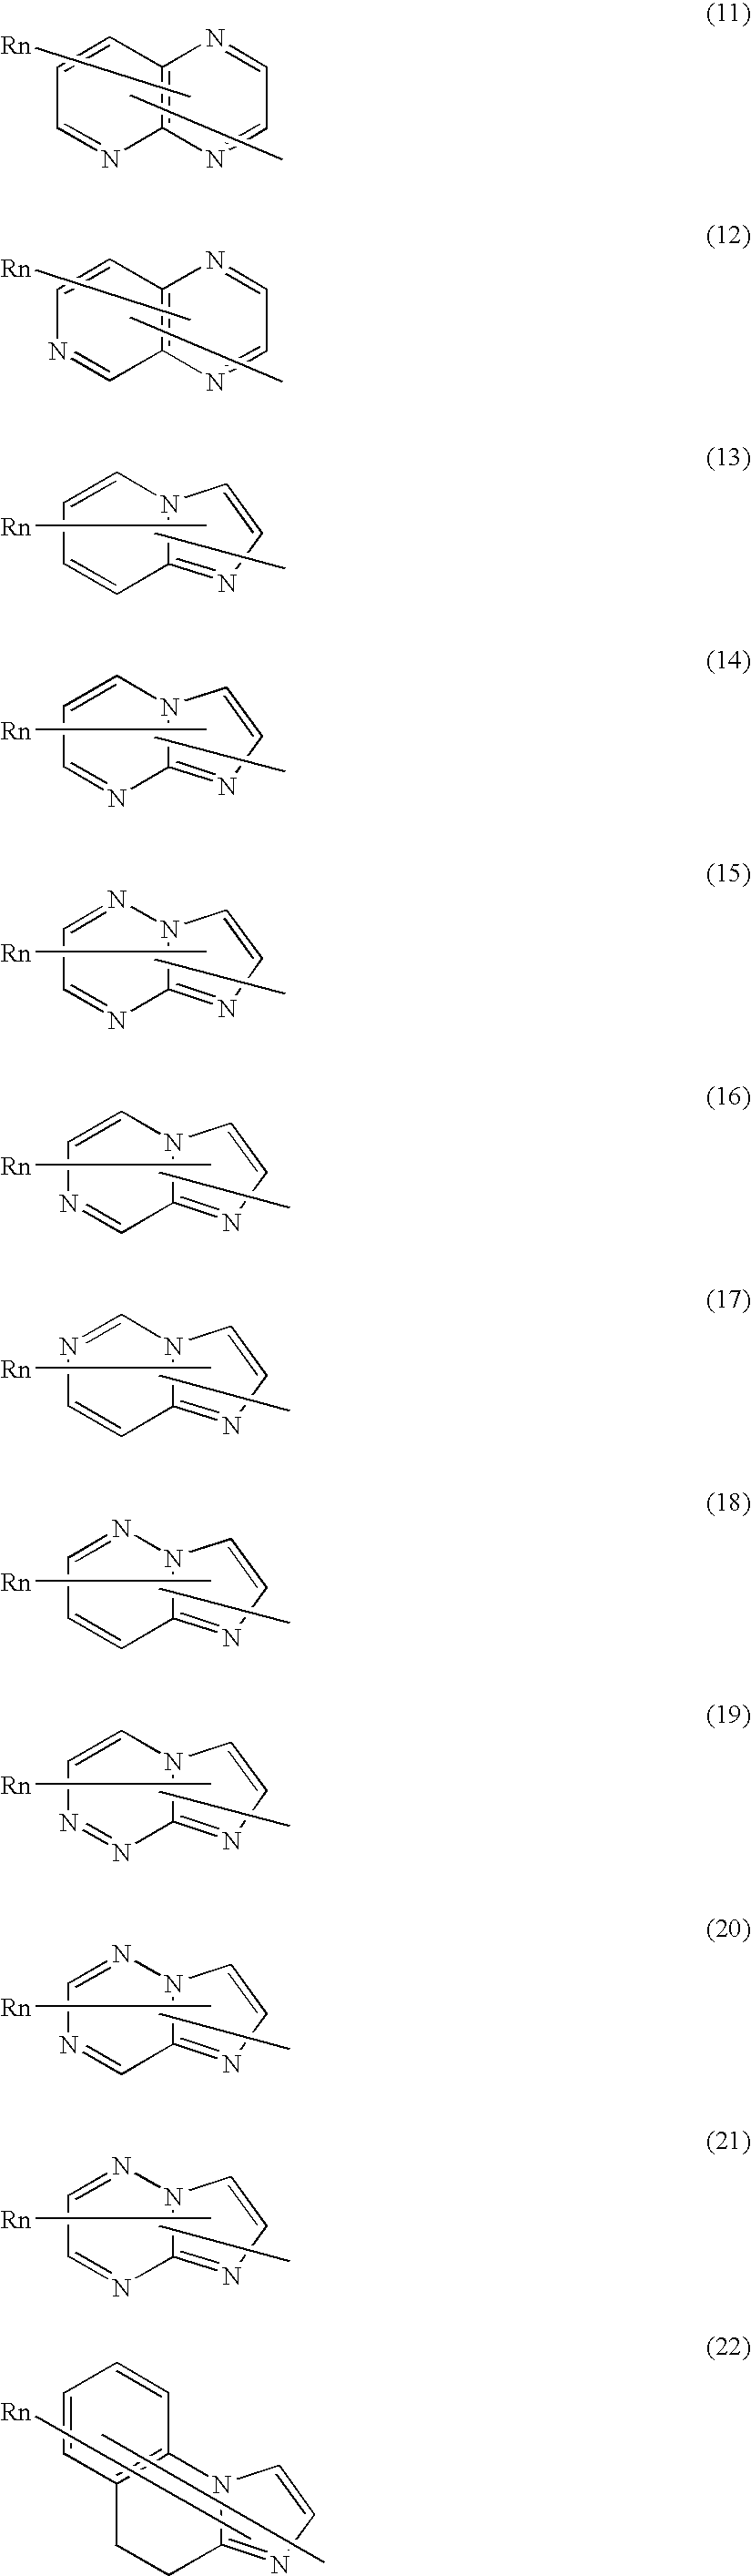 Figure US20100171109A1-20100708-C00283